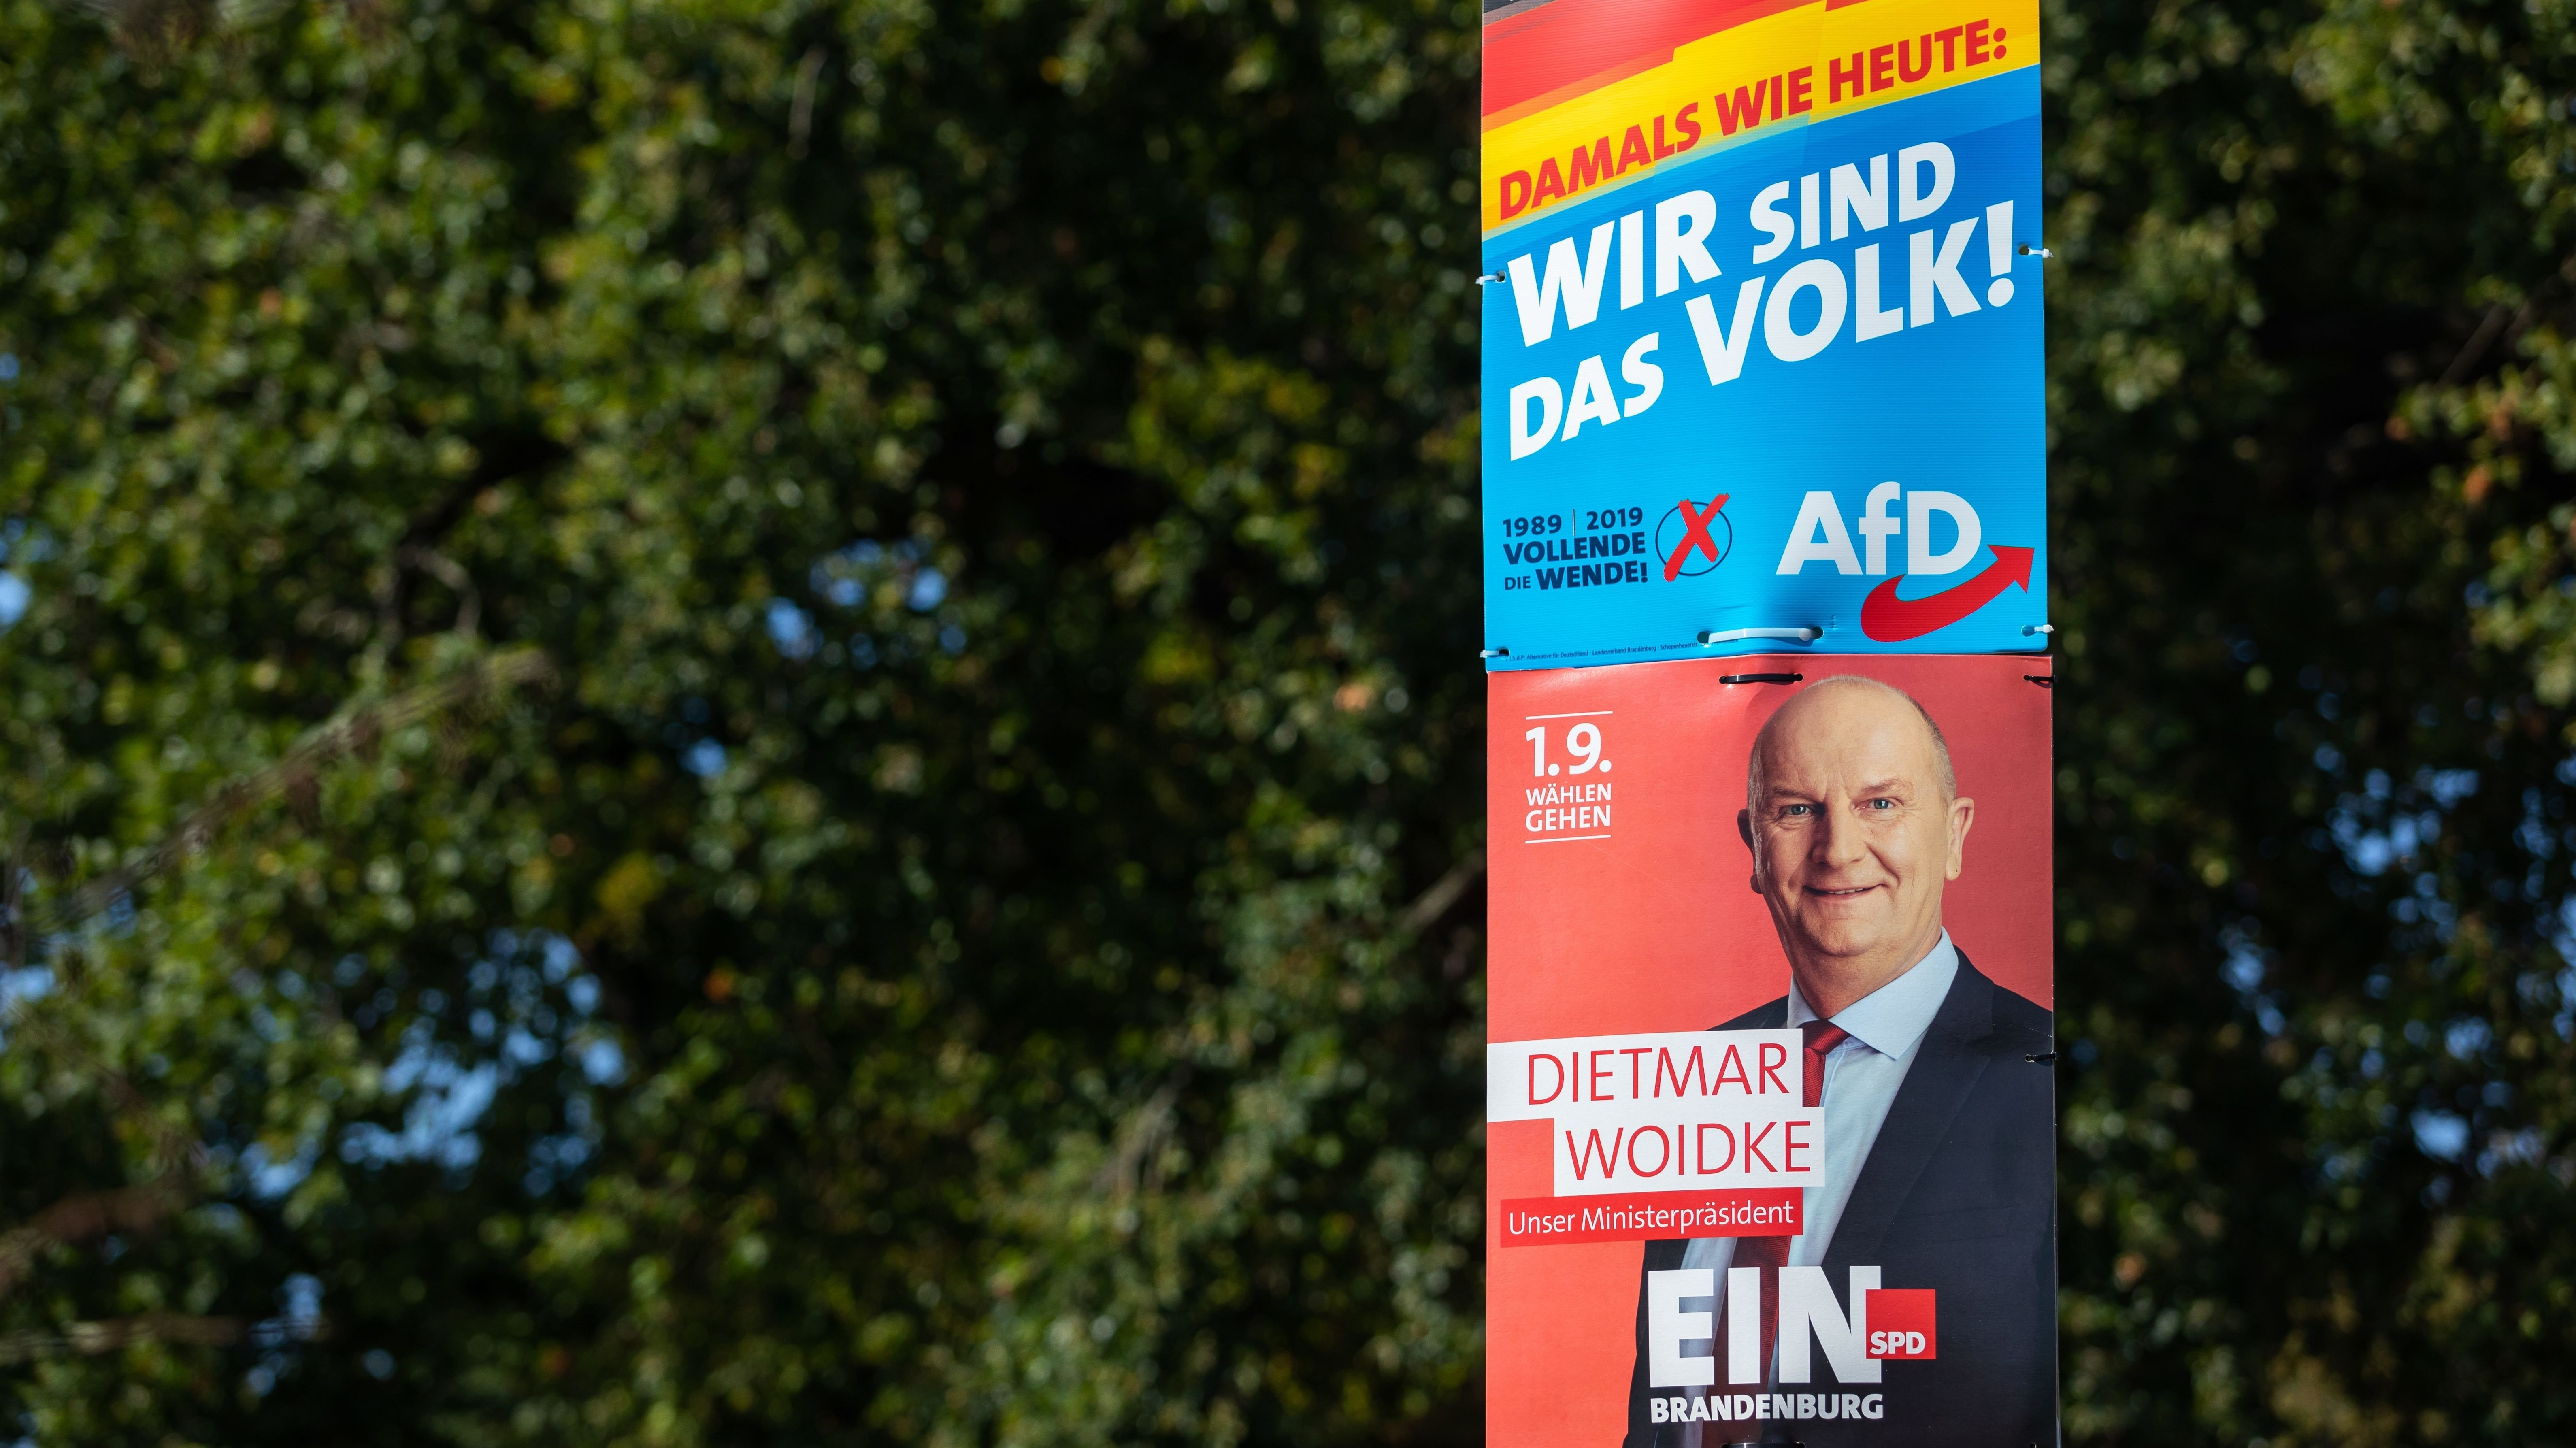 Wahlplakate von Dietmar Woidke (SPD) und von der AFD an einem Laternenmast